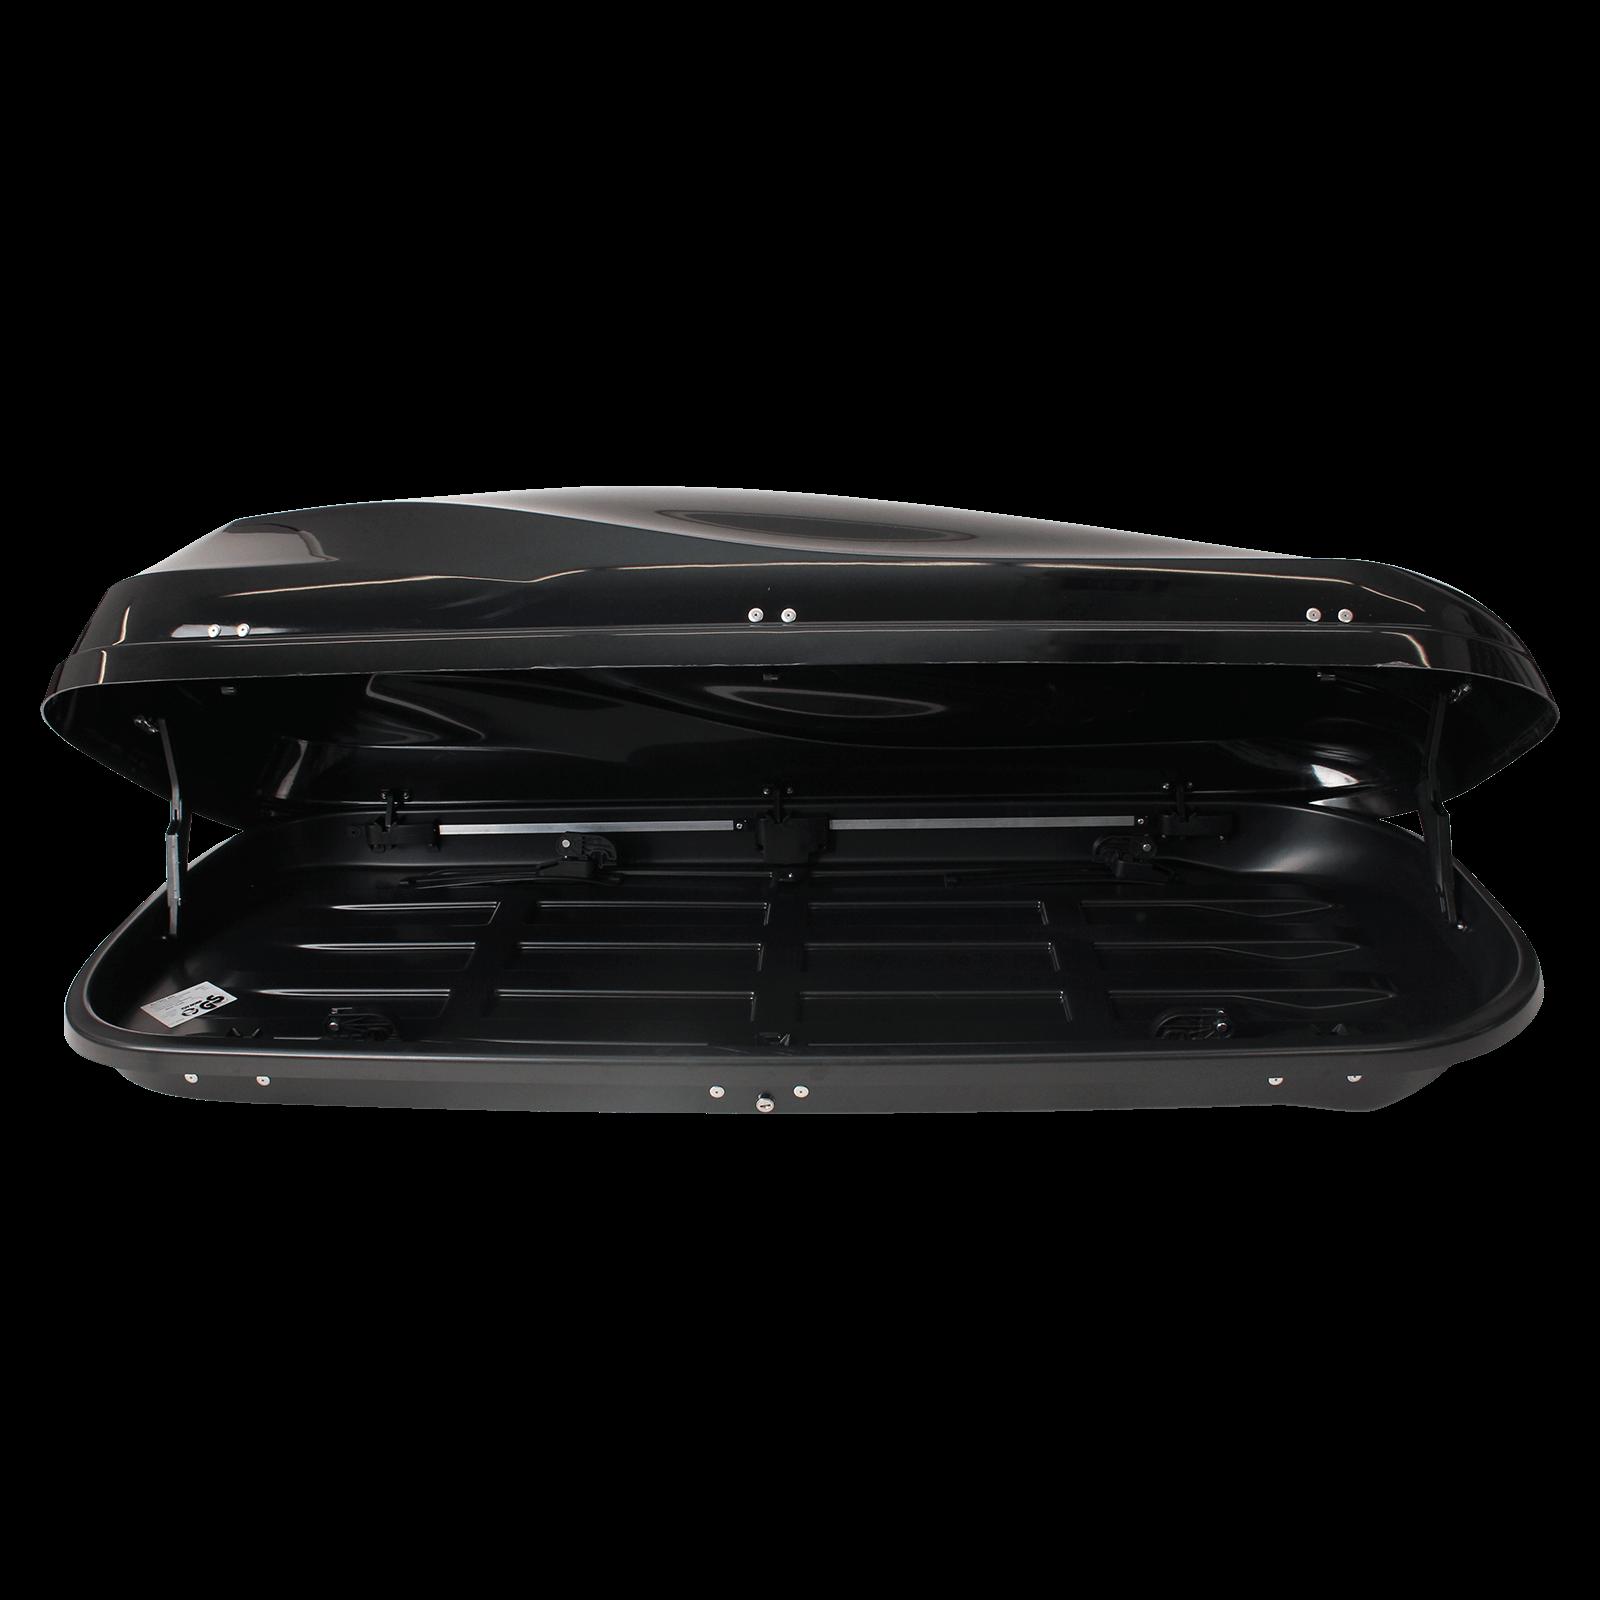 Dachbox Junior Altro 460 schwarz glänzend - Bild 2